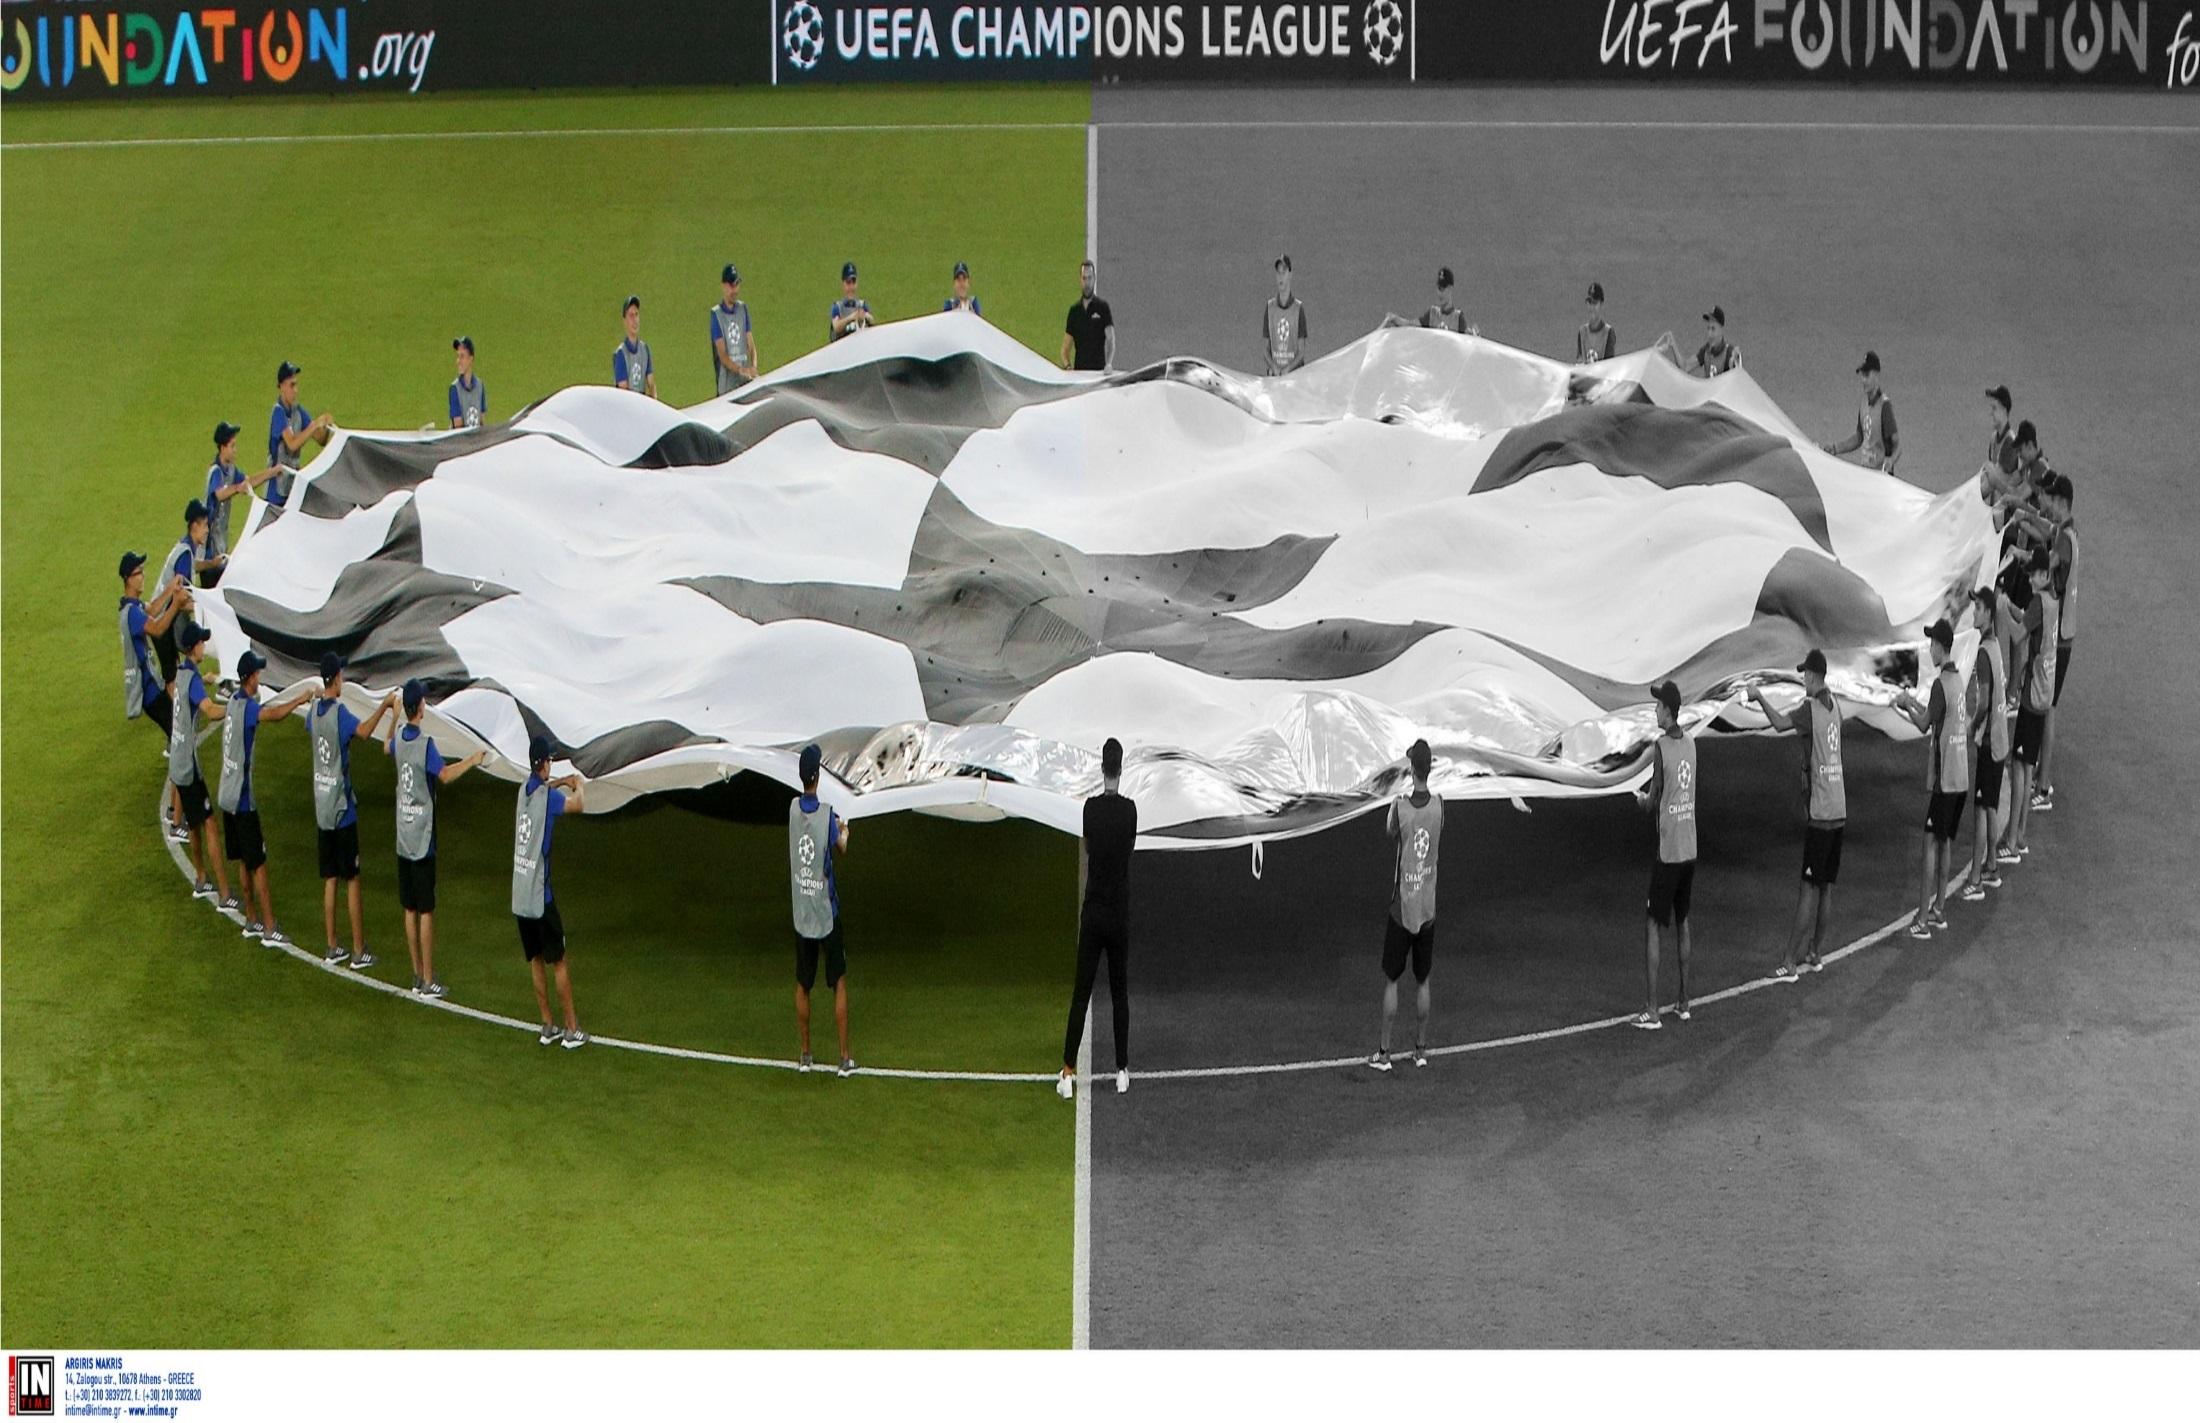 """""""Σεισμός"""" στο ελληνικό ποδόσφαιρο! Αποβολή από τα ευρωπαϊκά κύπελλα για όσους δεν συμμορφωθούν!"""